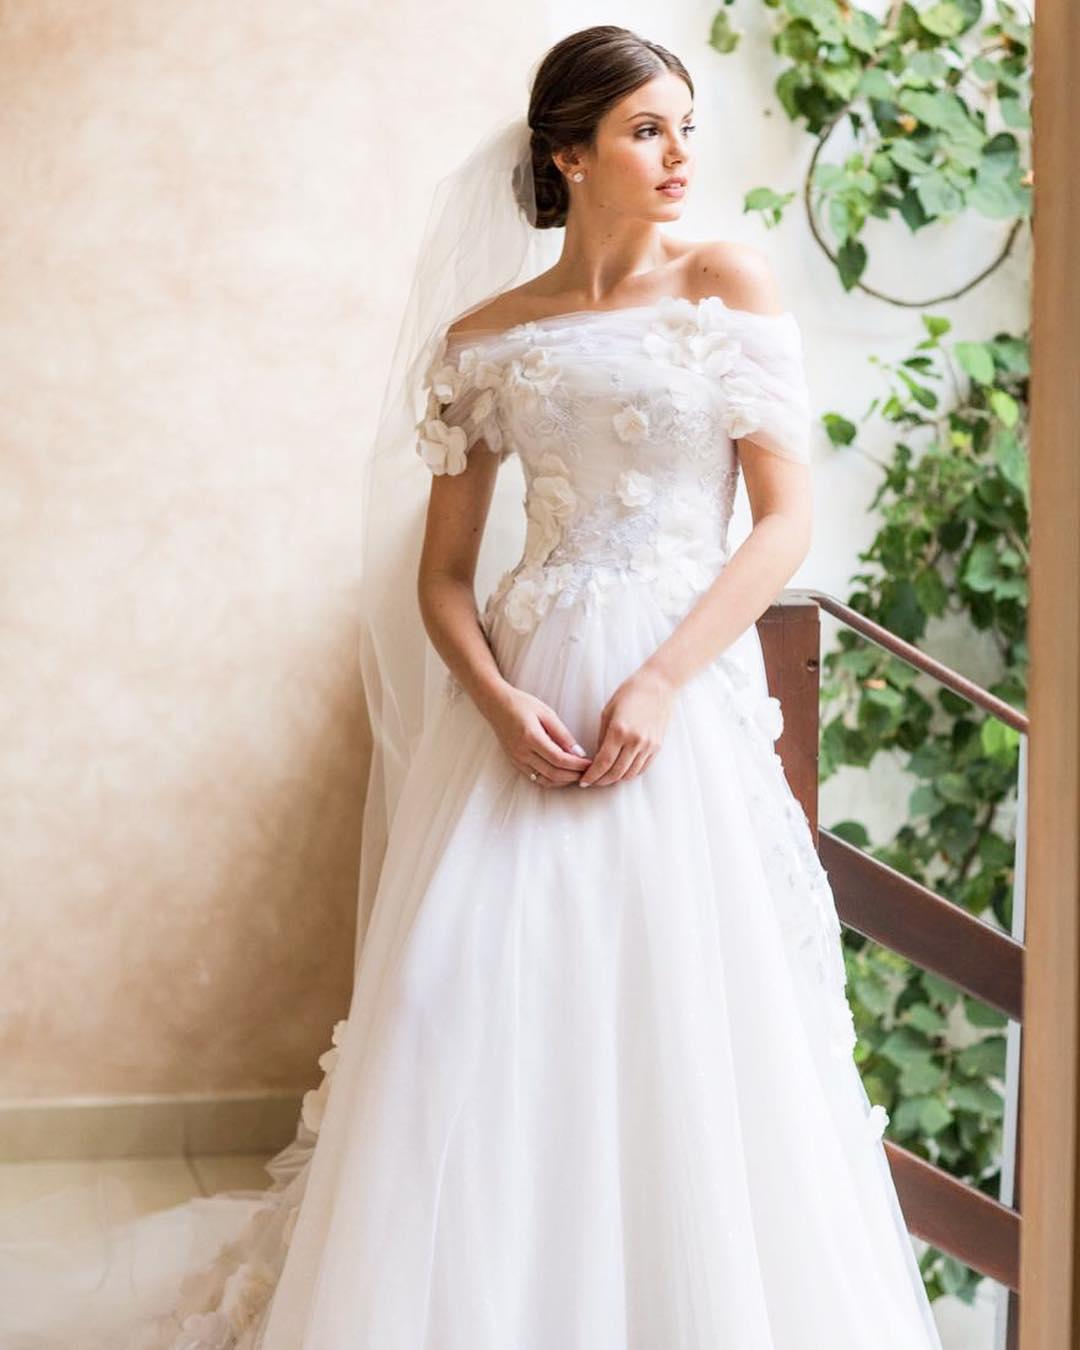 Vestido de noiva com tule | Foto: Lethicia Bronstein